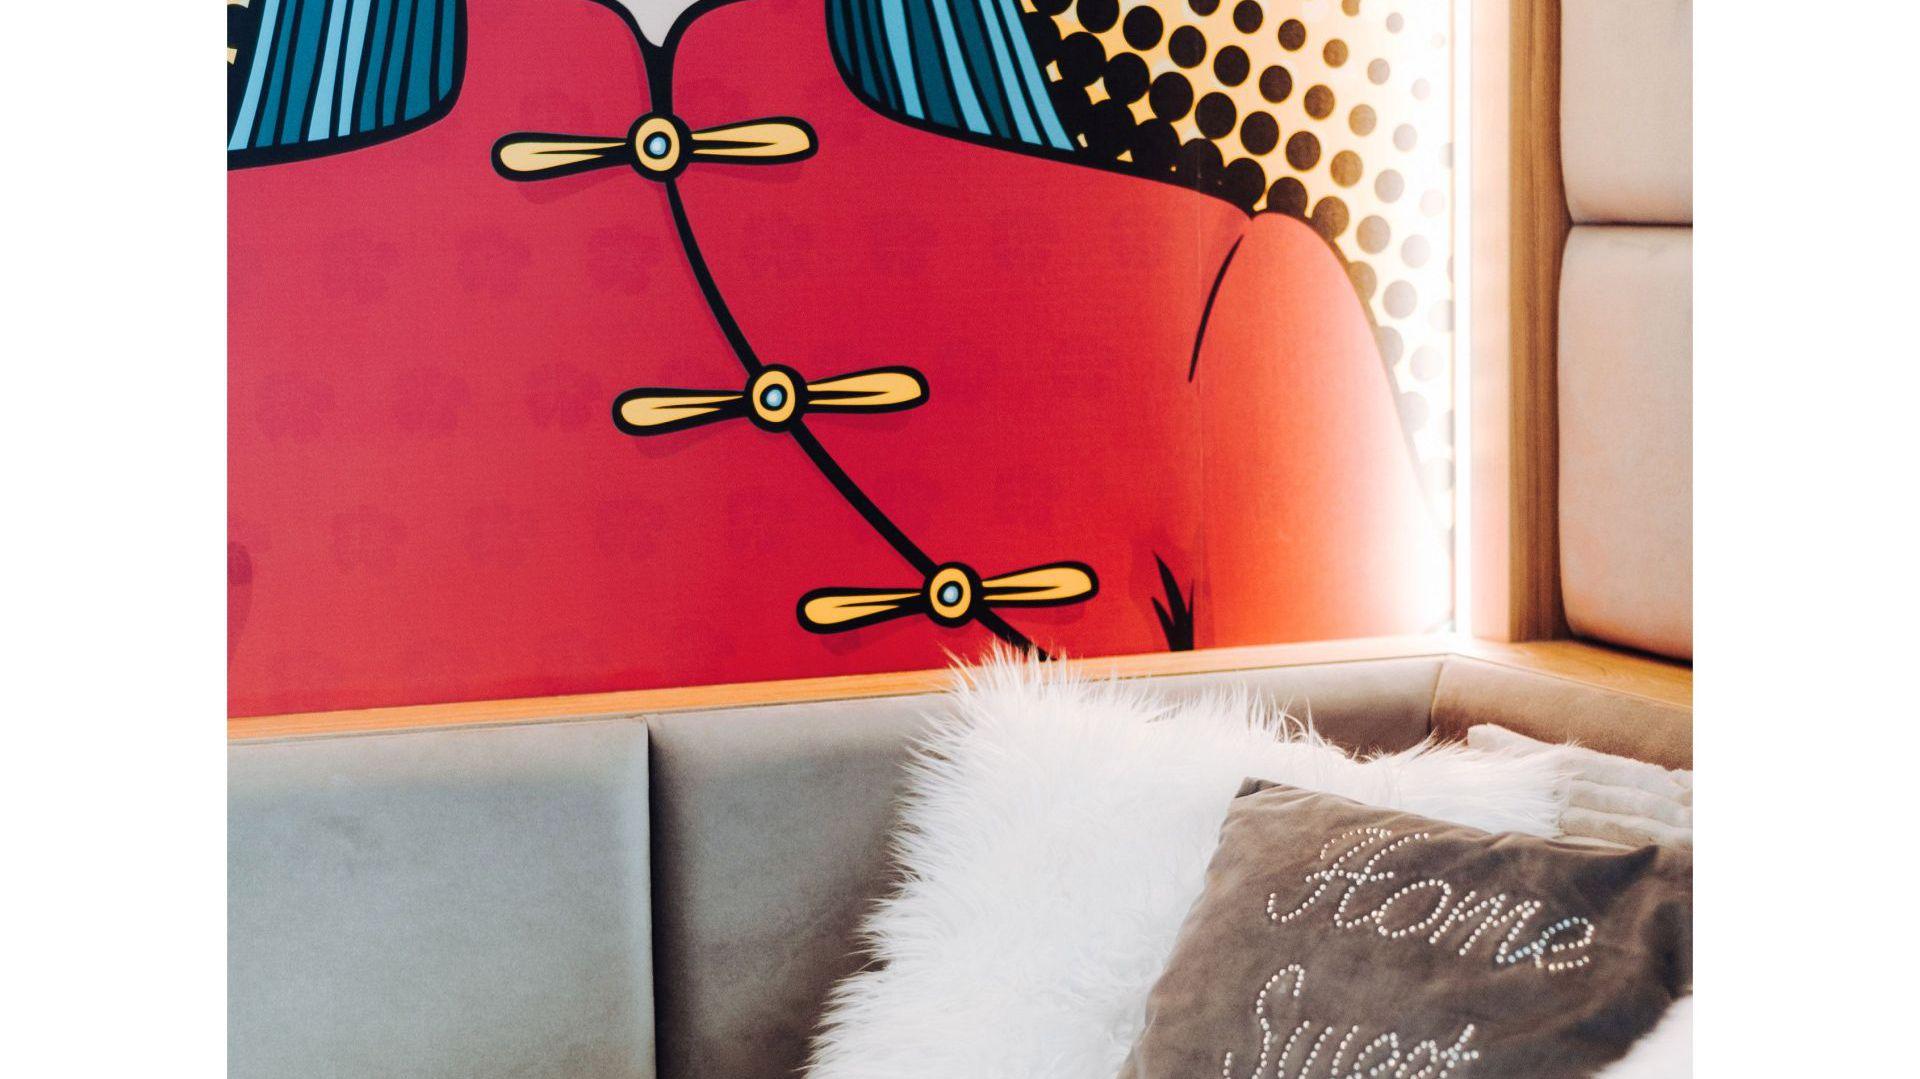 Projektantka pomyślała też o wygodnej funkcji wyłączania światła przy łóżku - zarówno lampy wiszącej, jak i oświetlenia LED wokół fototapety. Projekt: Eliza Polakiewicz (EP Studio). Zdjęcia: Marcin Mentel.